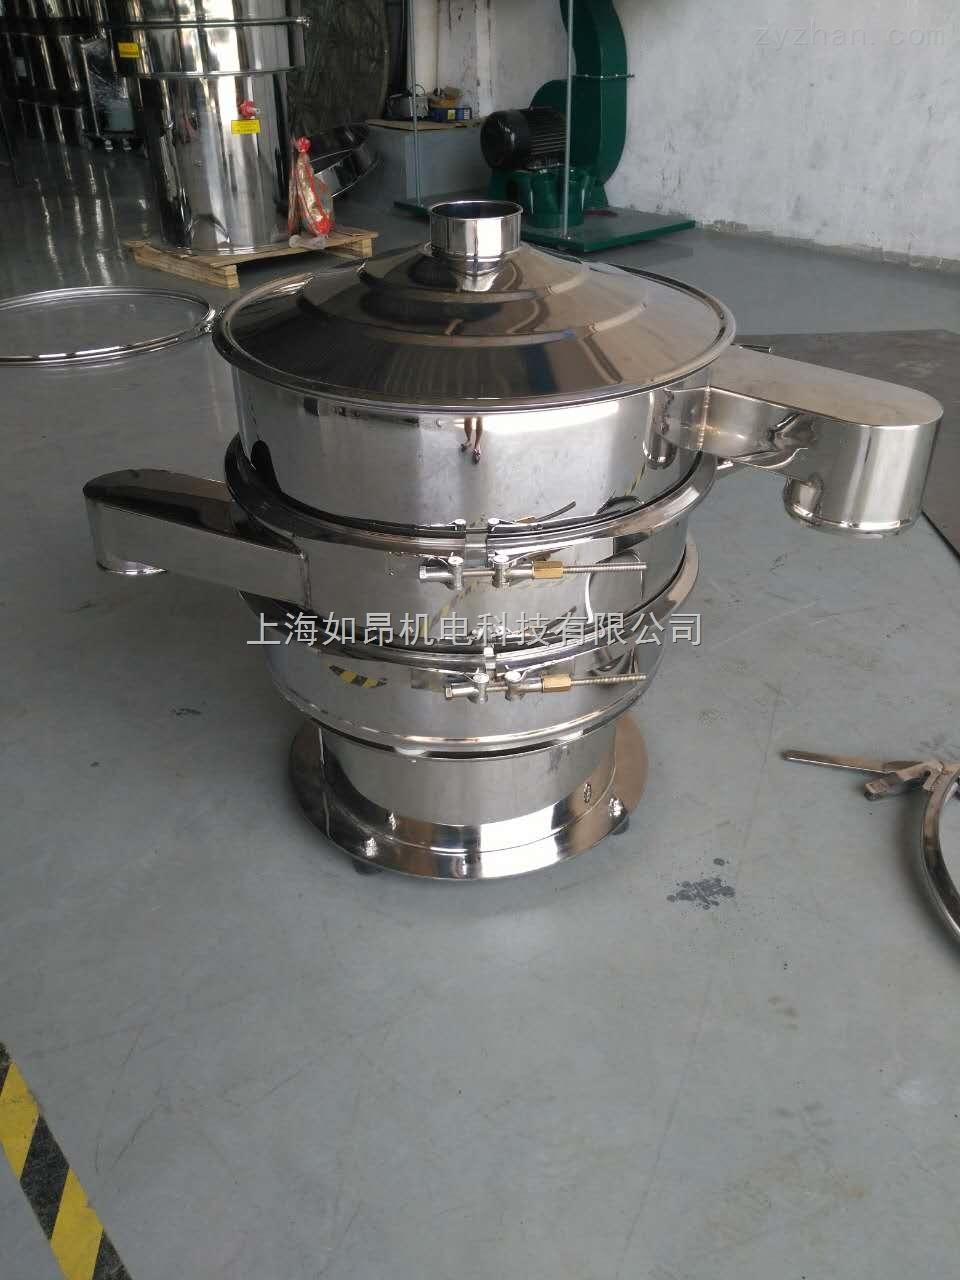 上海一米超聲波振動篩生產廠家